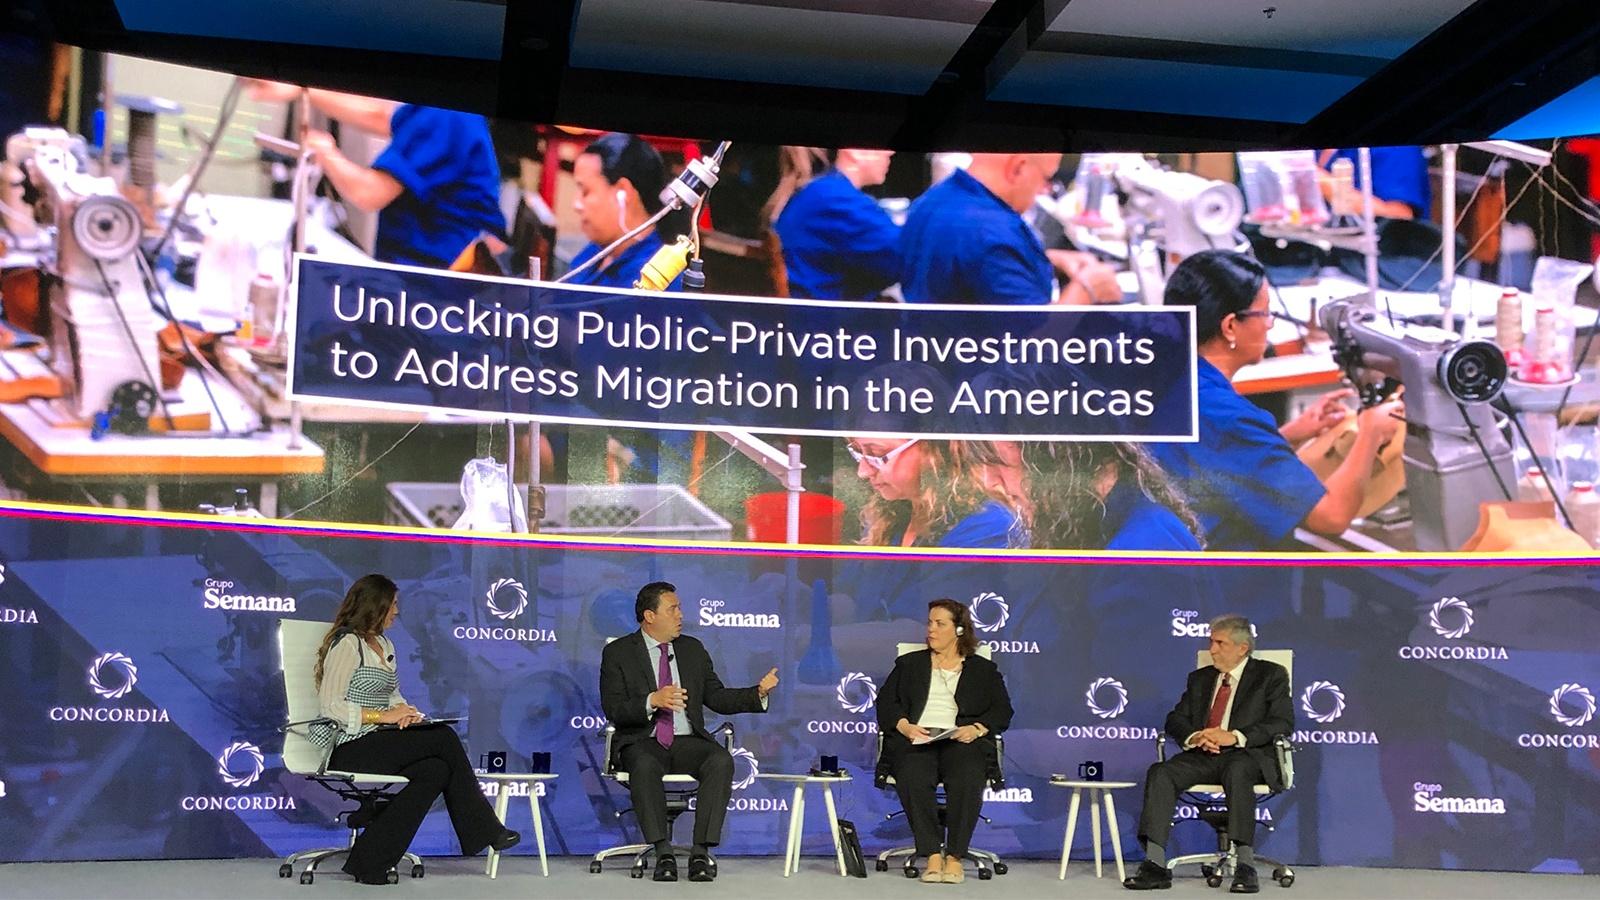 ¿Qué compromisos dejó la Cumbre Concordia Américas frente a la migración?